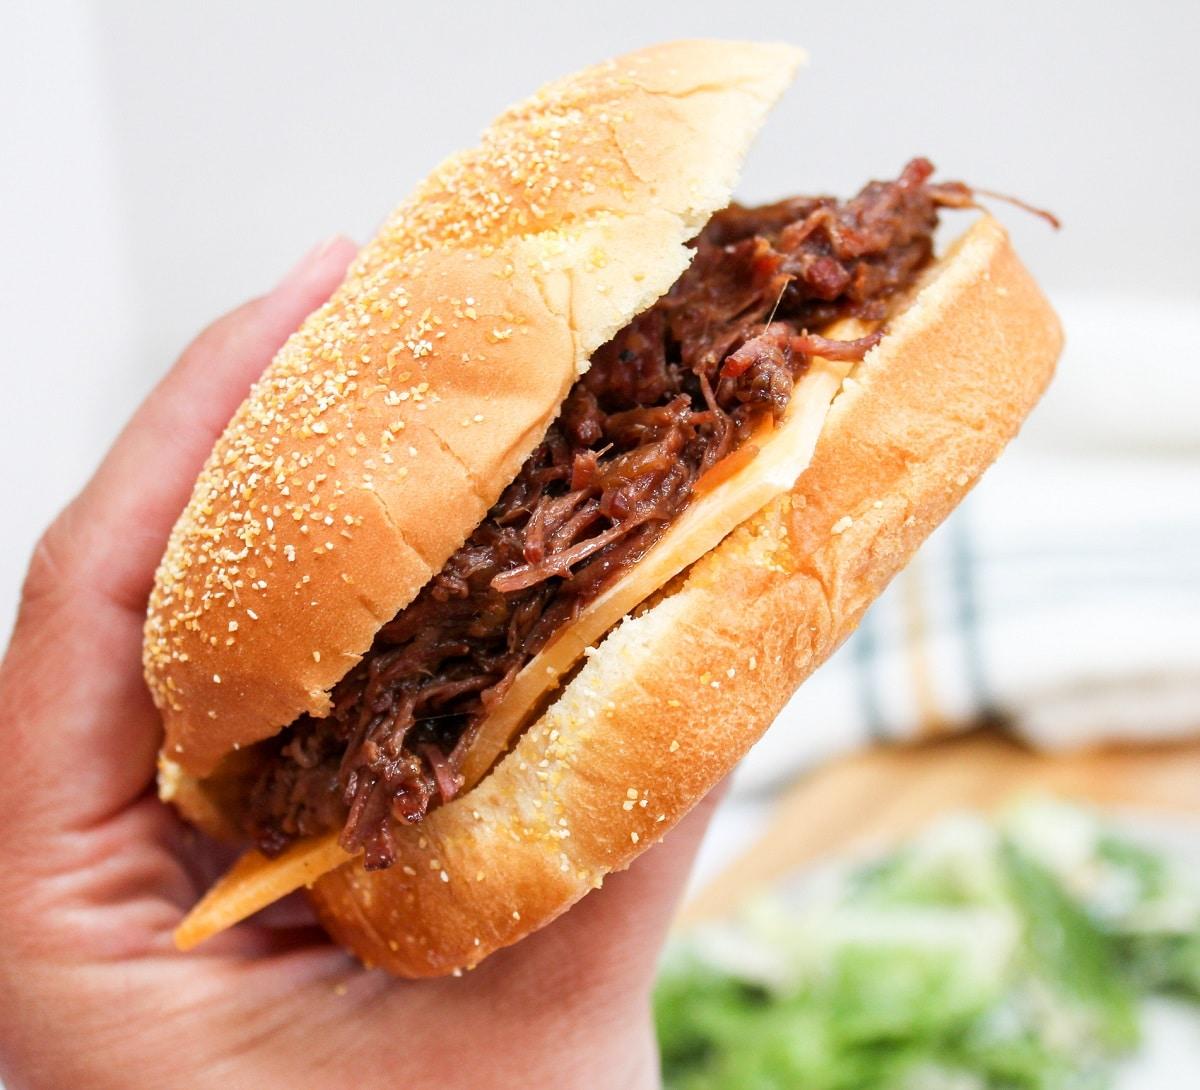 slow cooker hot beef sandwich held in hand